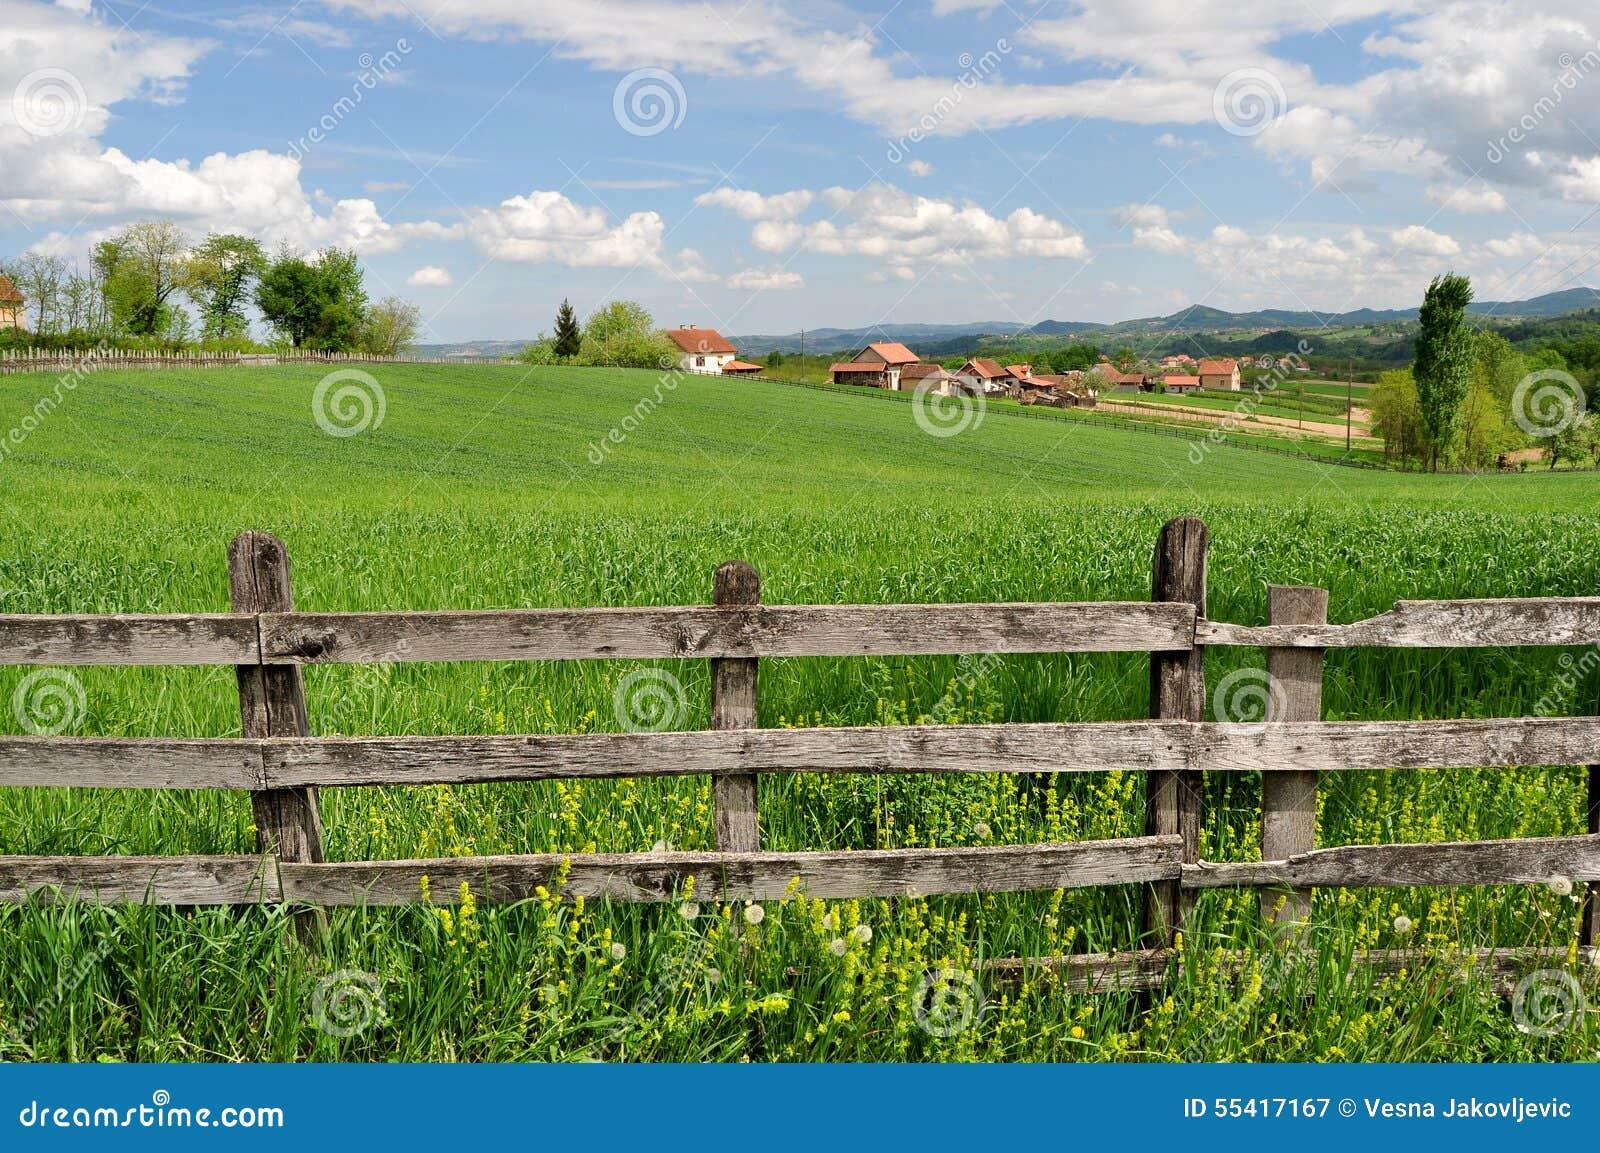 paysage de campagne et barri re en bois image stock image 55417167. Black Bedroom Furniture Sets. Home Design Ideas